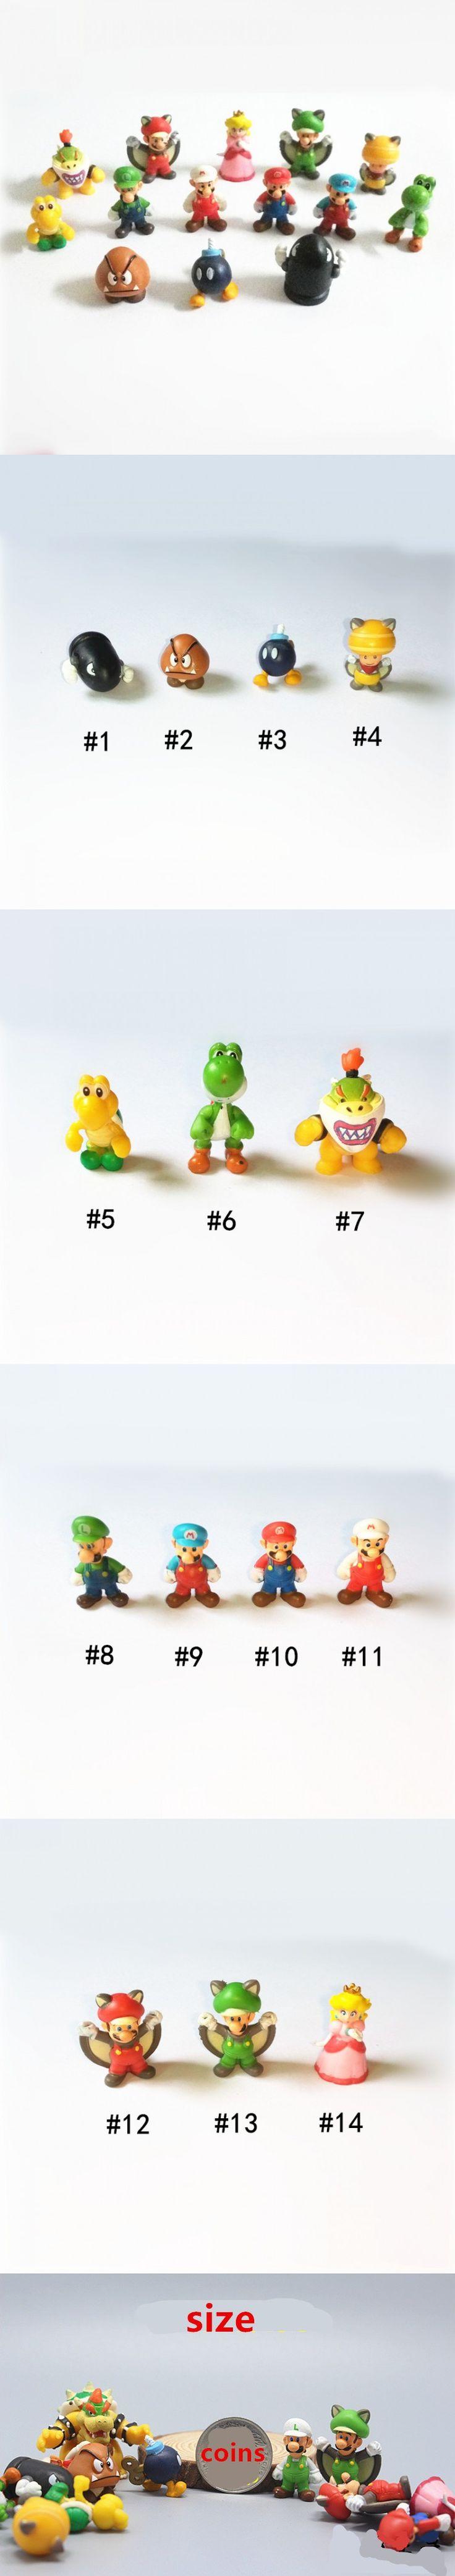 100PCS 2-3cm mini mario bros Luigi yoshi dinosaur one piece figure action toy PVC Super mario Gashapon model kids collection